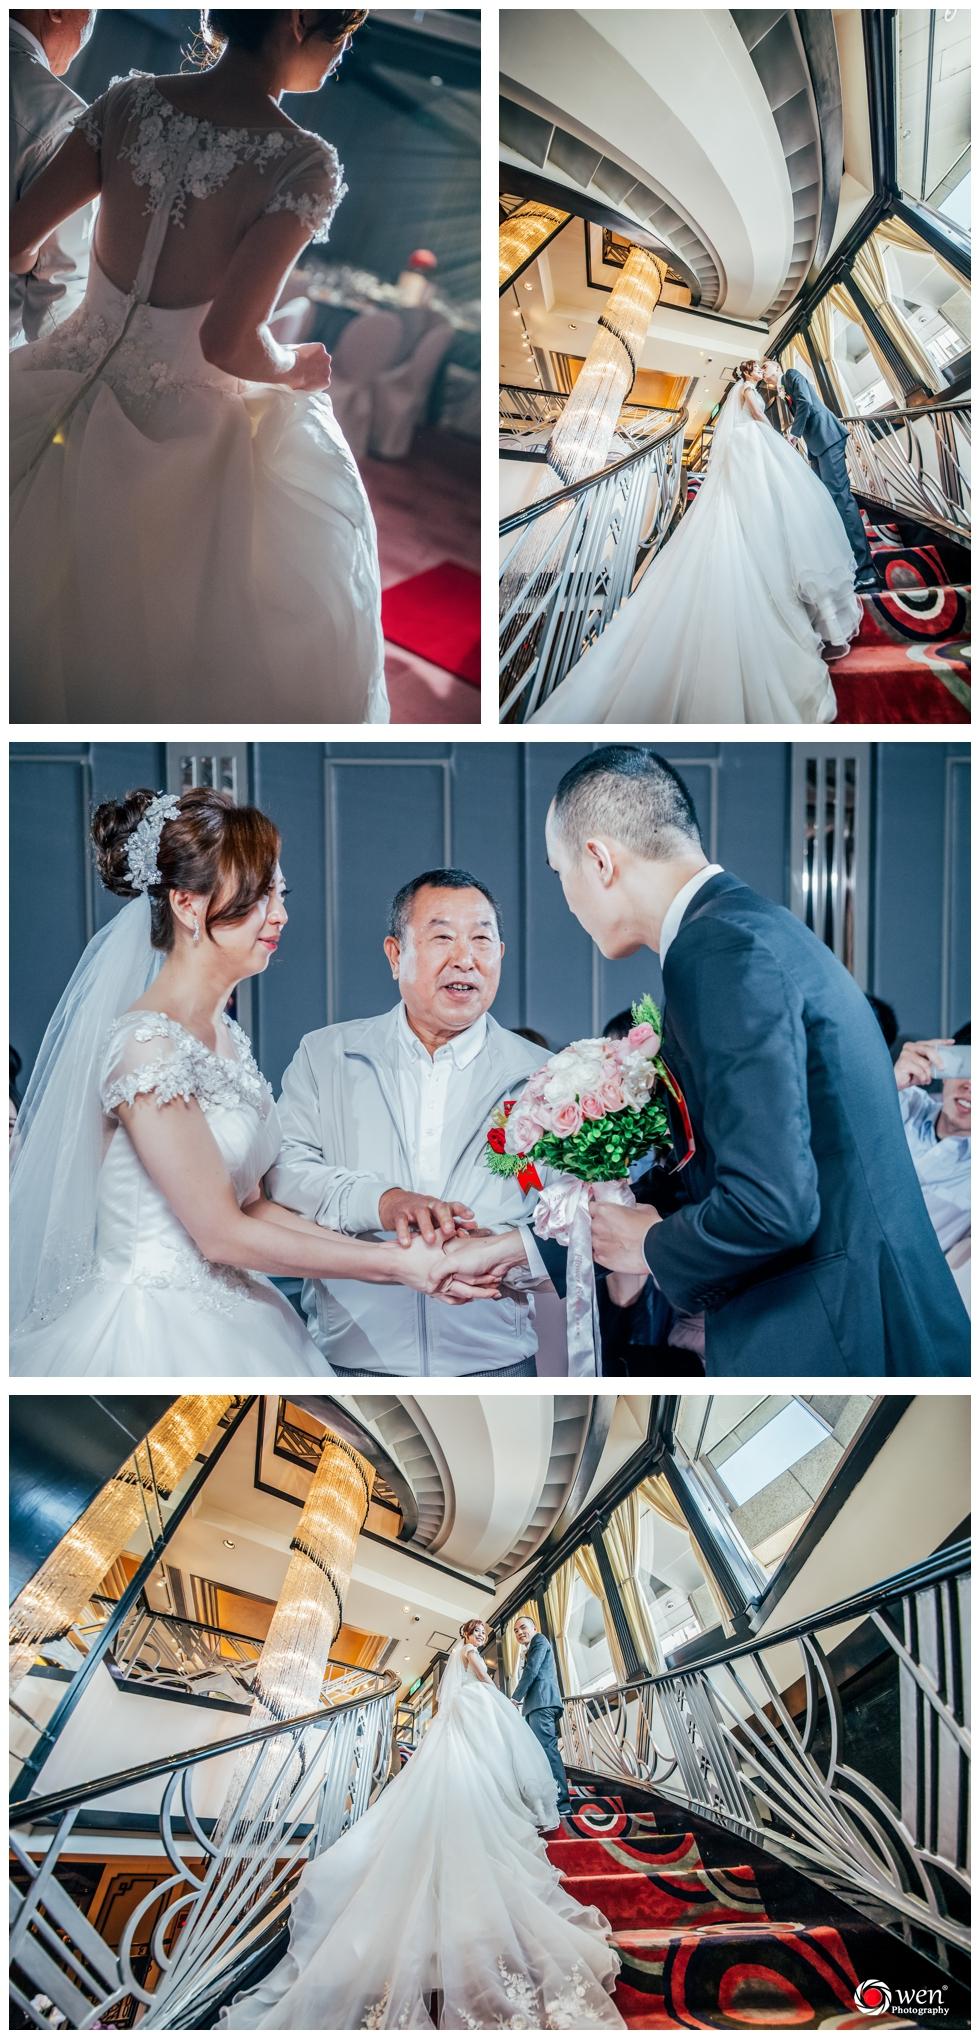 台北推薦婚攝 Julia婚紗亞都麗緻婚禮紀錄歐文